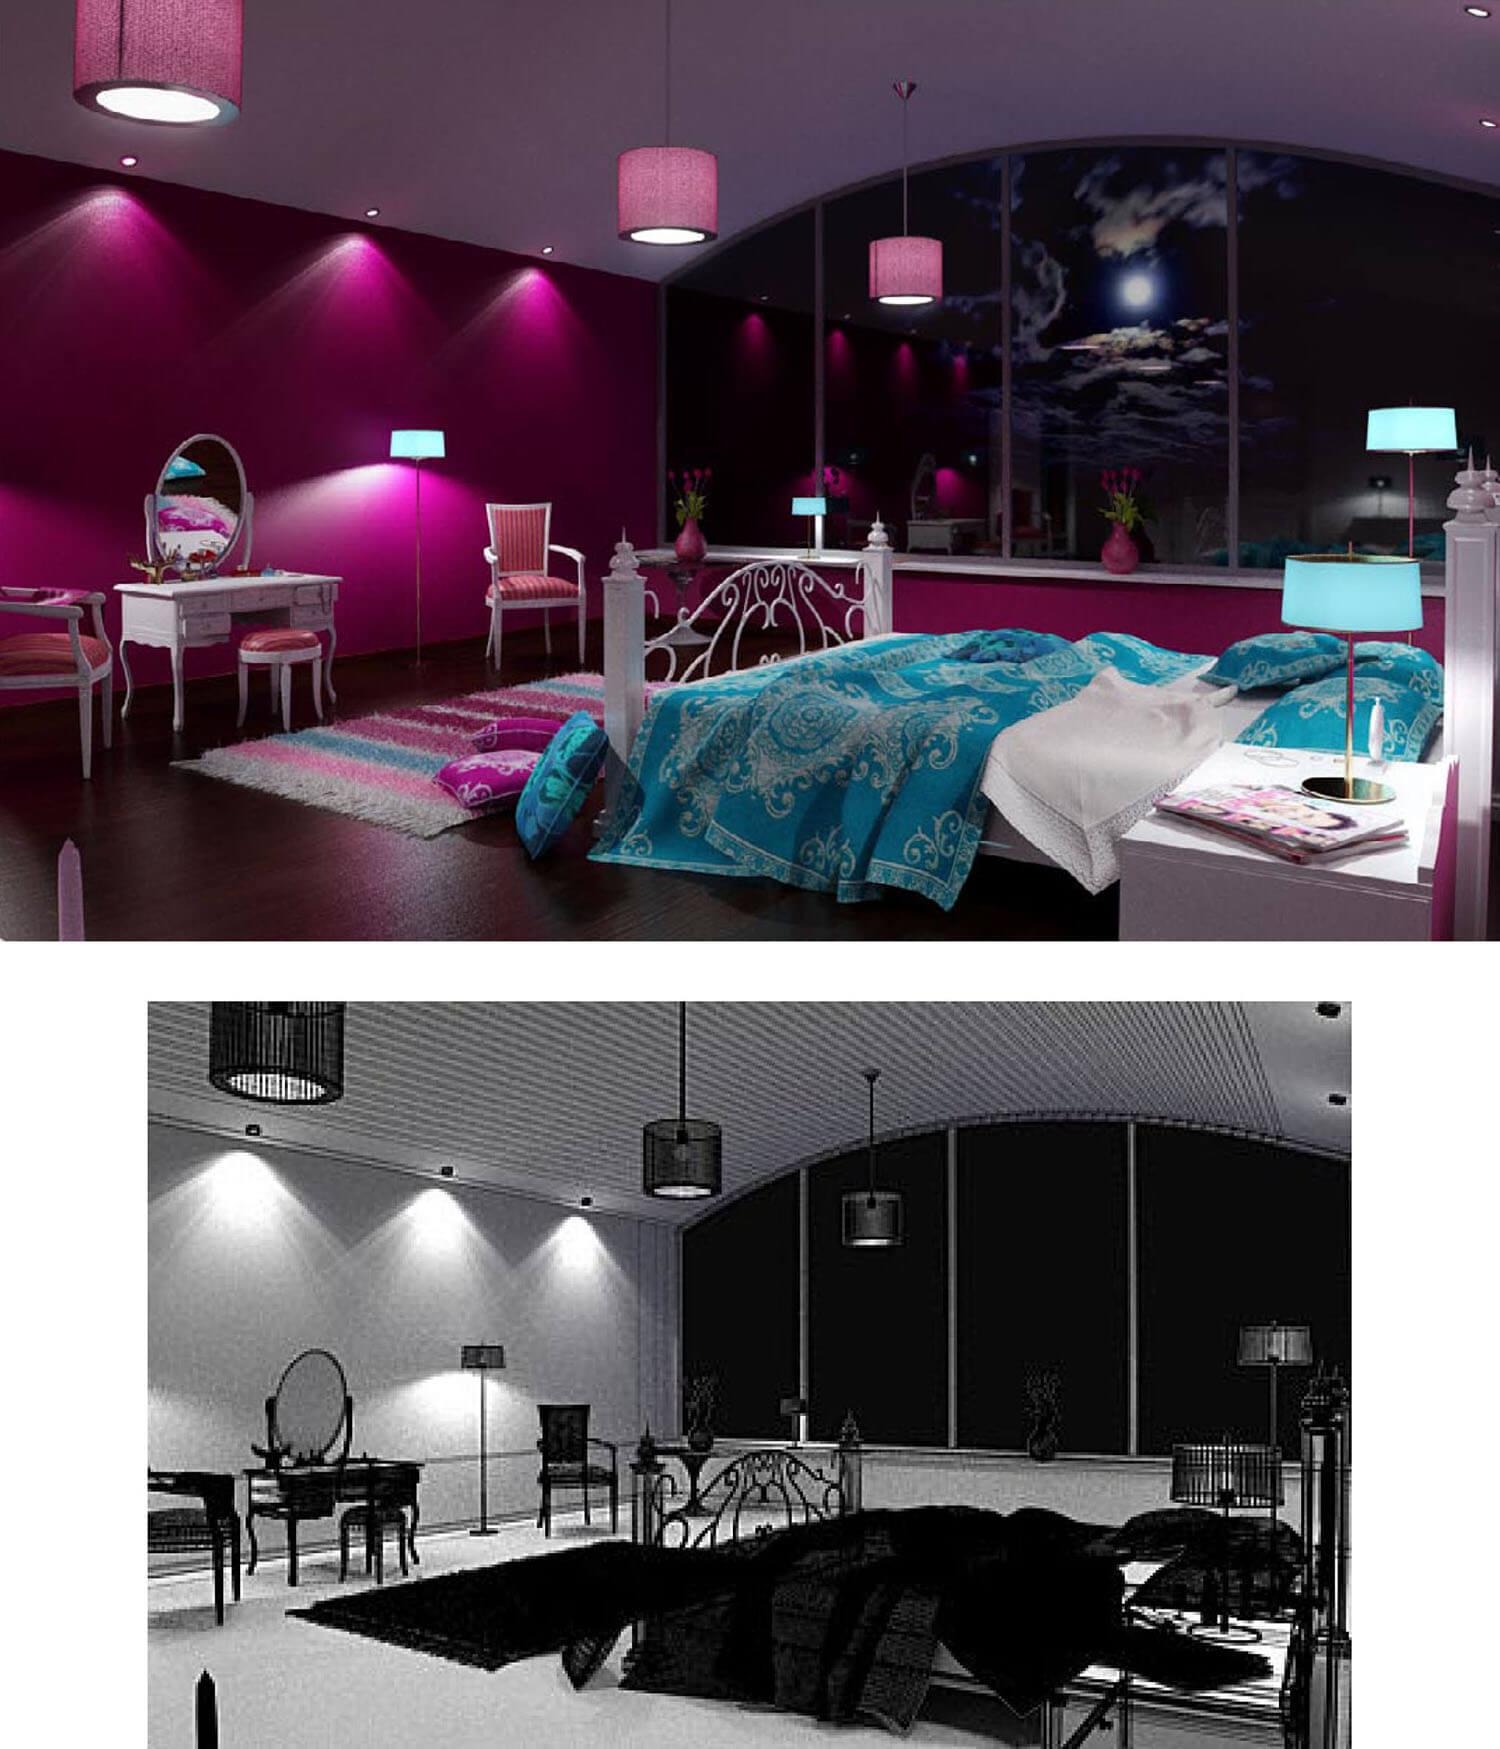 thiết kế phòng ngủ sang trọng và đơn giản